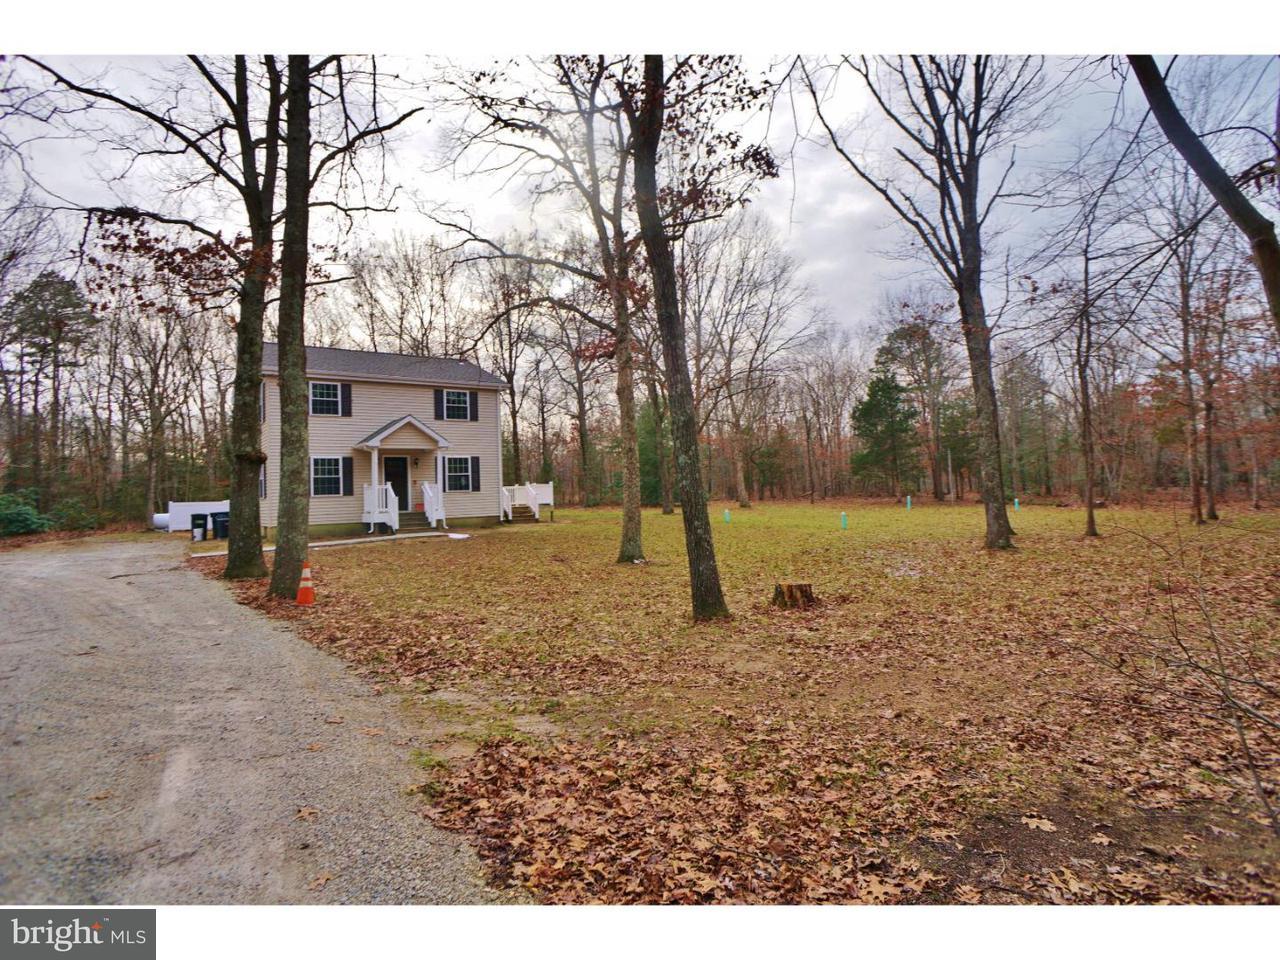 Maison unifamiliale pour l Vente à 1415 JESSE BRIDGE Road Pittsgrove, New Jersey 08318 États-Unis